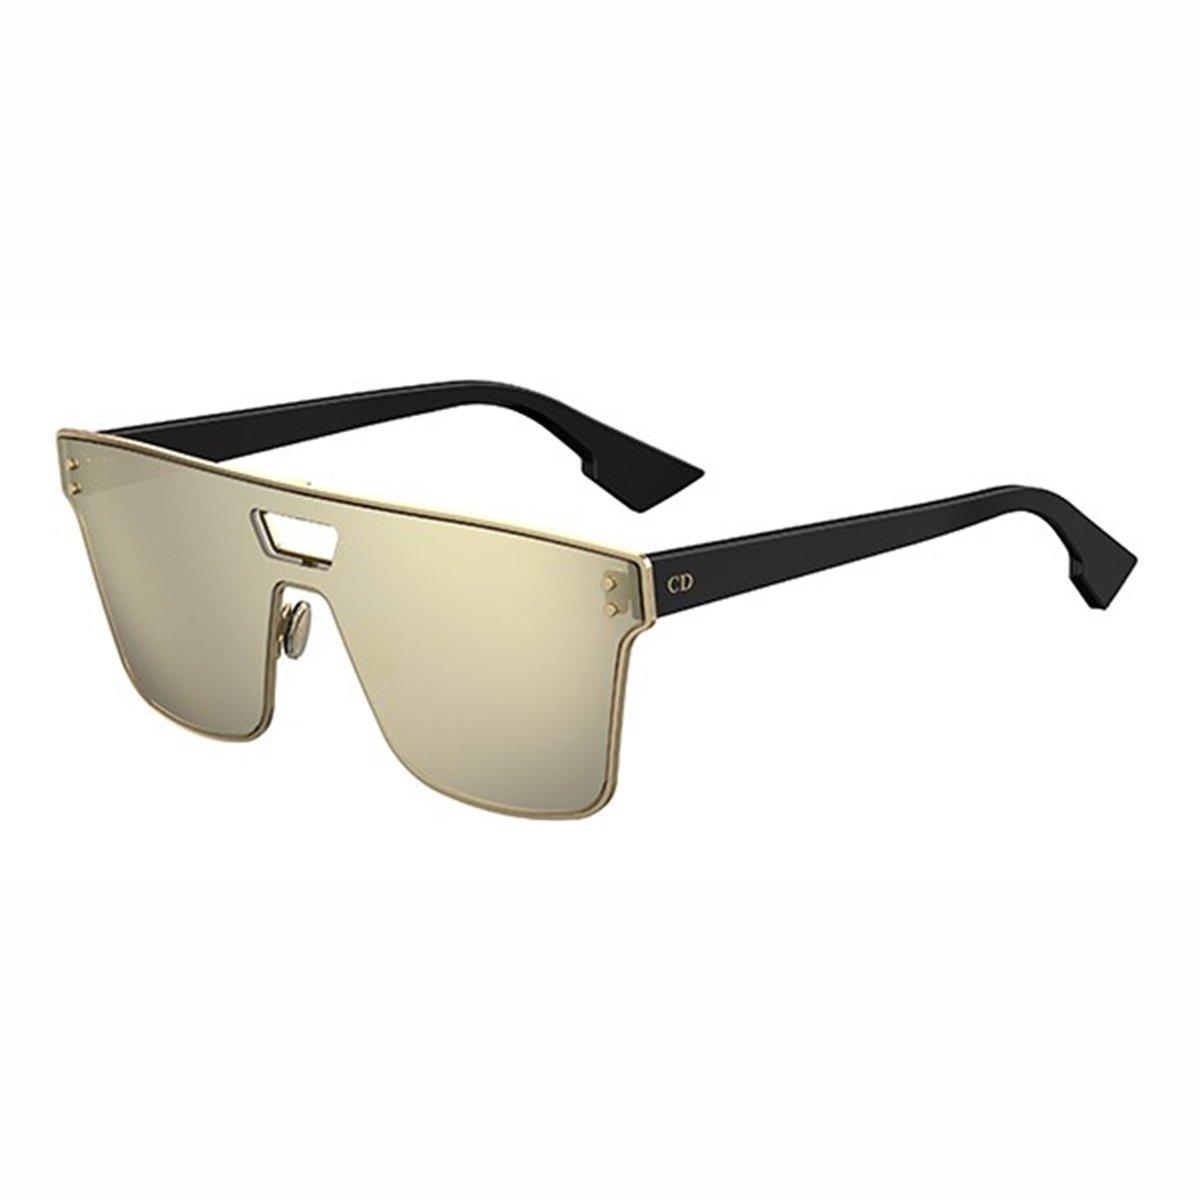 Compre Óculos de Sol Dior Izon 1 em 10X   Tri-Jóia Shop f9da6e431b